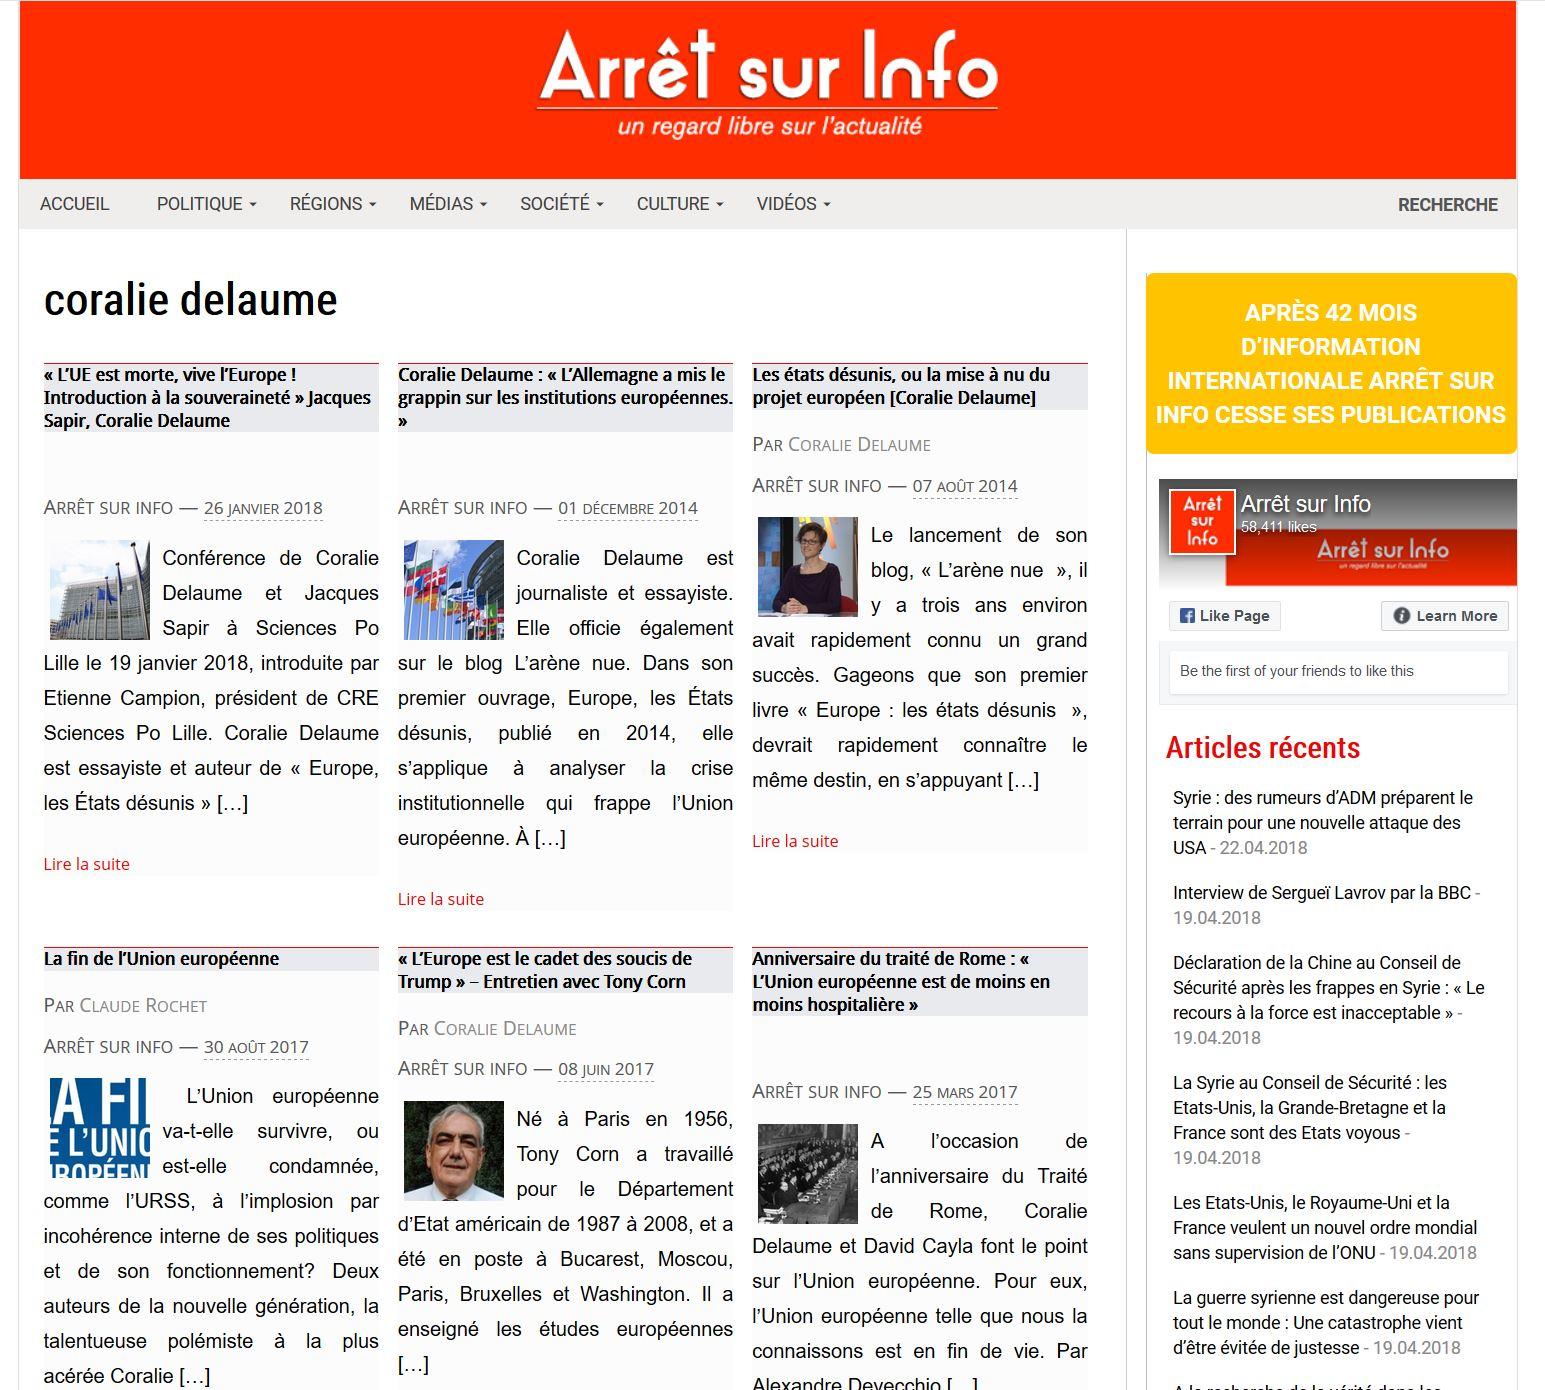 Coralie-Delaume-chroniqueuse-sur-Arret-sur-Info-2.jpg